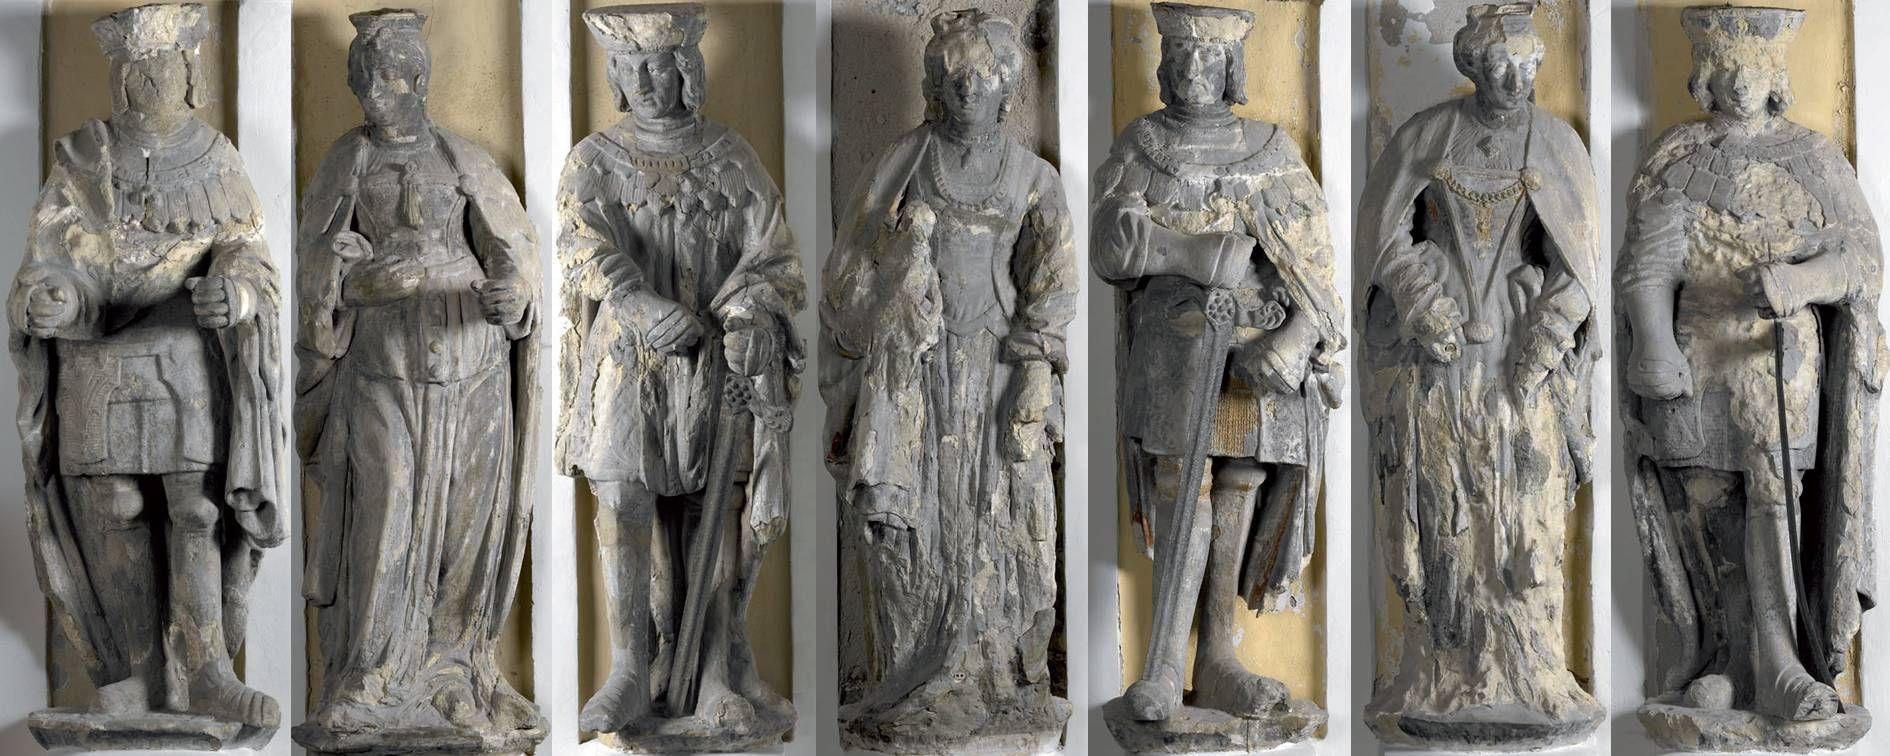 Zeven beelden, 'de Heren en Vrouwen van Veere', in 1517-1518 vervaardigd door Michiel Ywijnsz, sierden de gevel van het Stadhuis in Veere. (St. Behoud Veerse Stadhuisbeelden)